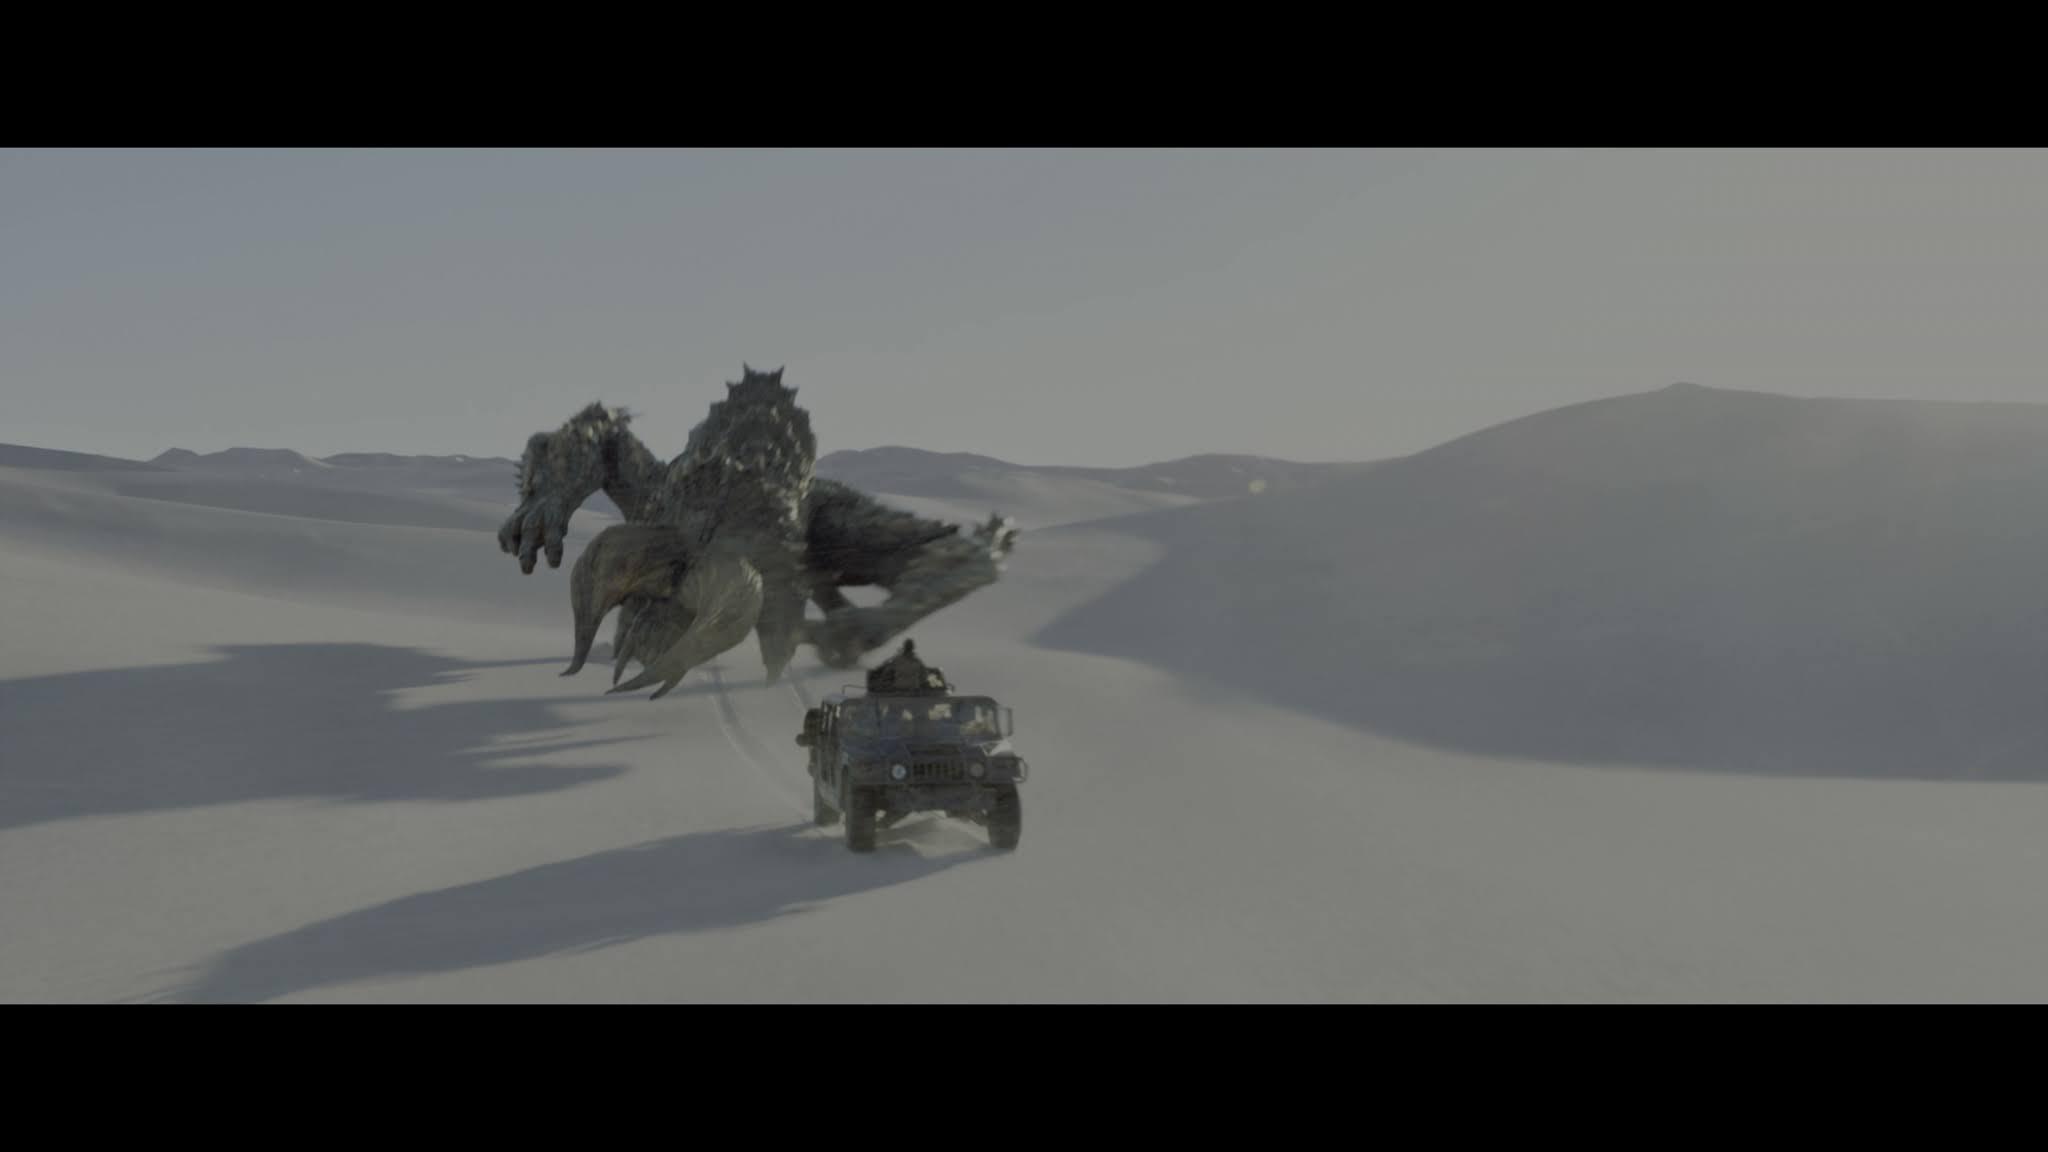 Monster Hunter: La cacería comienza (2020) 4K WEB-DL HDR AMZN Latino